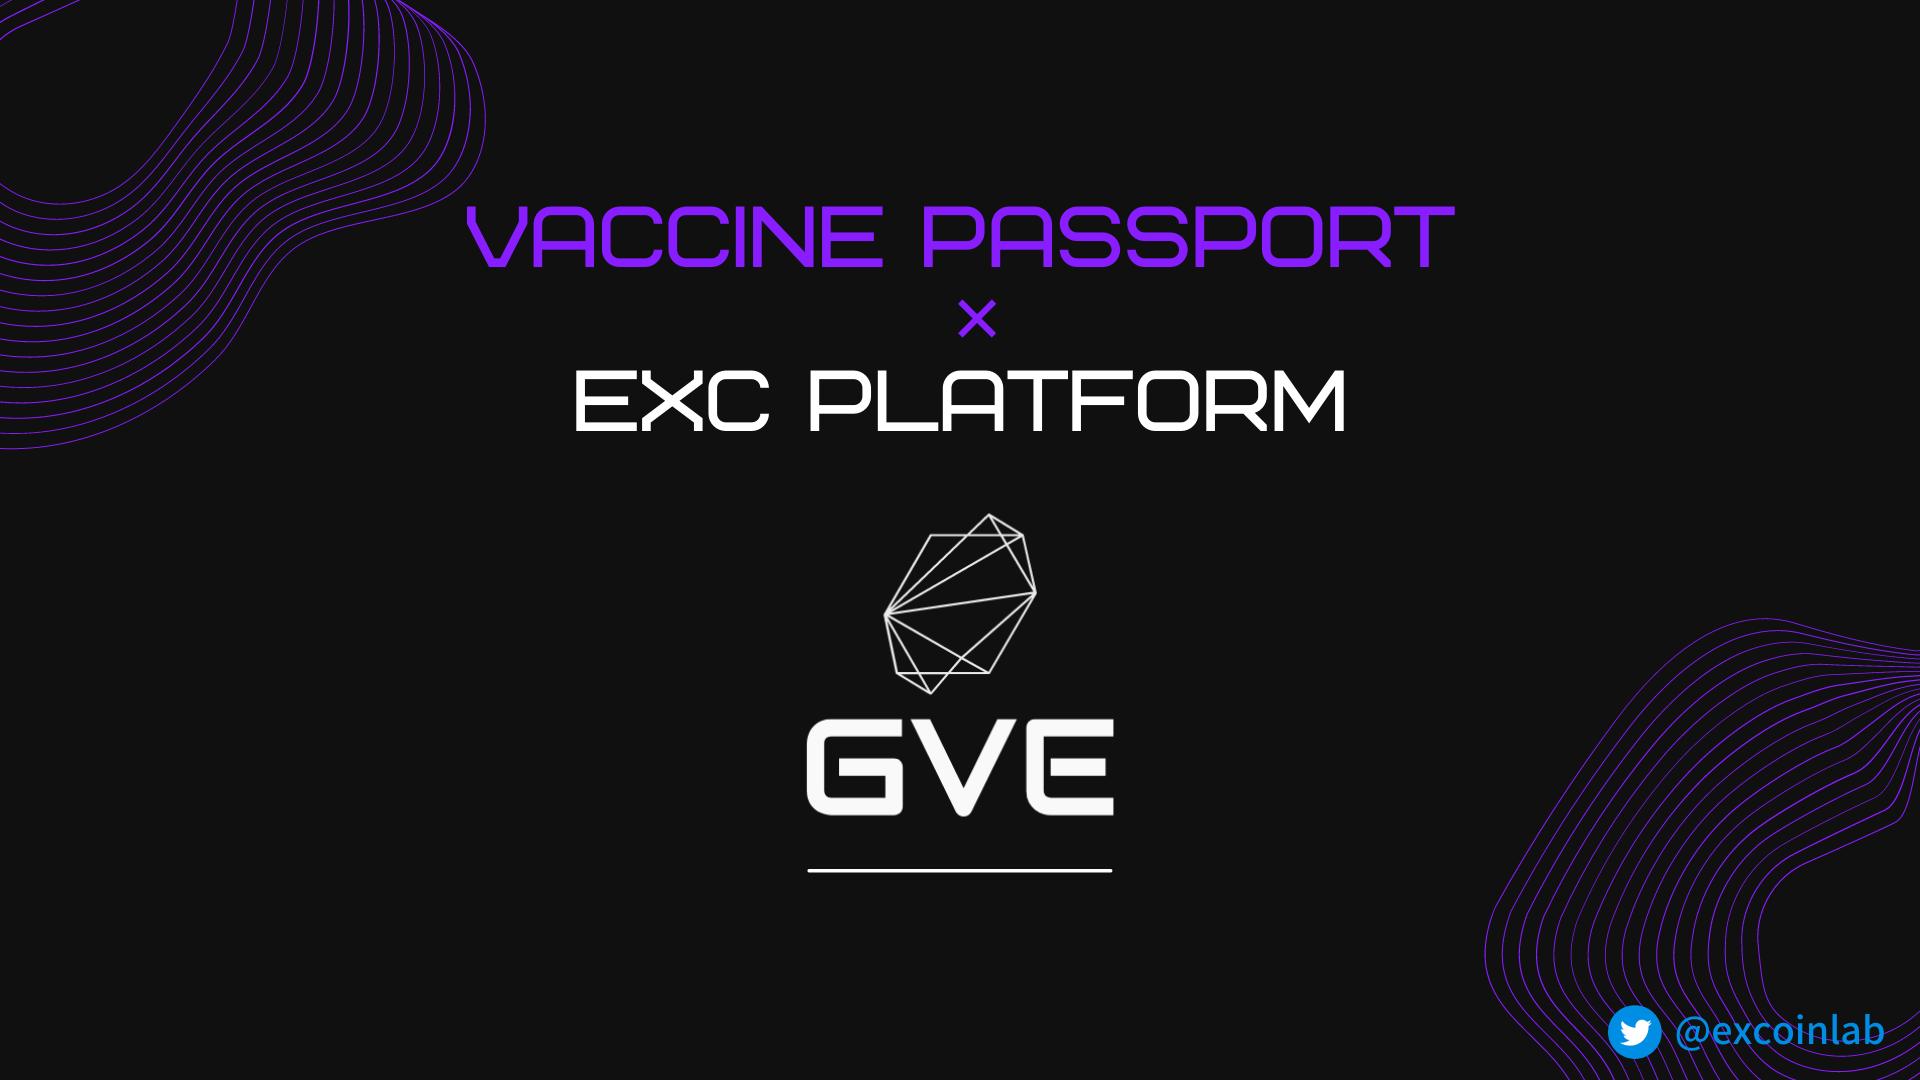 GVEが開発するワクチンパスポートの展望【英国アストン大学も注目】